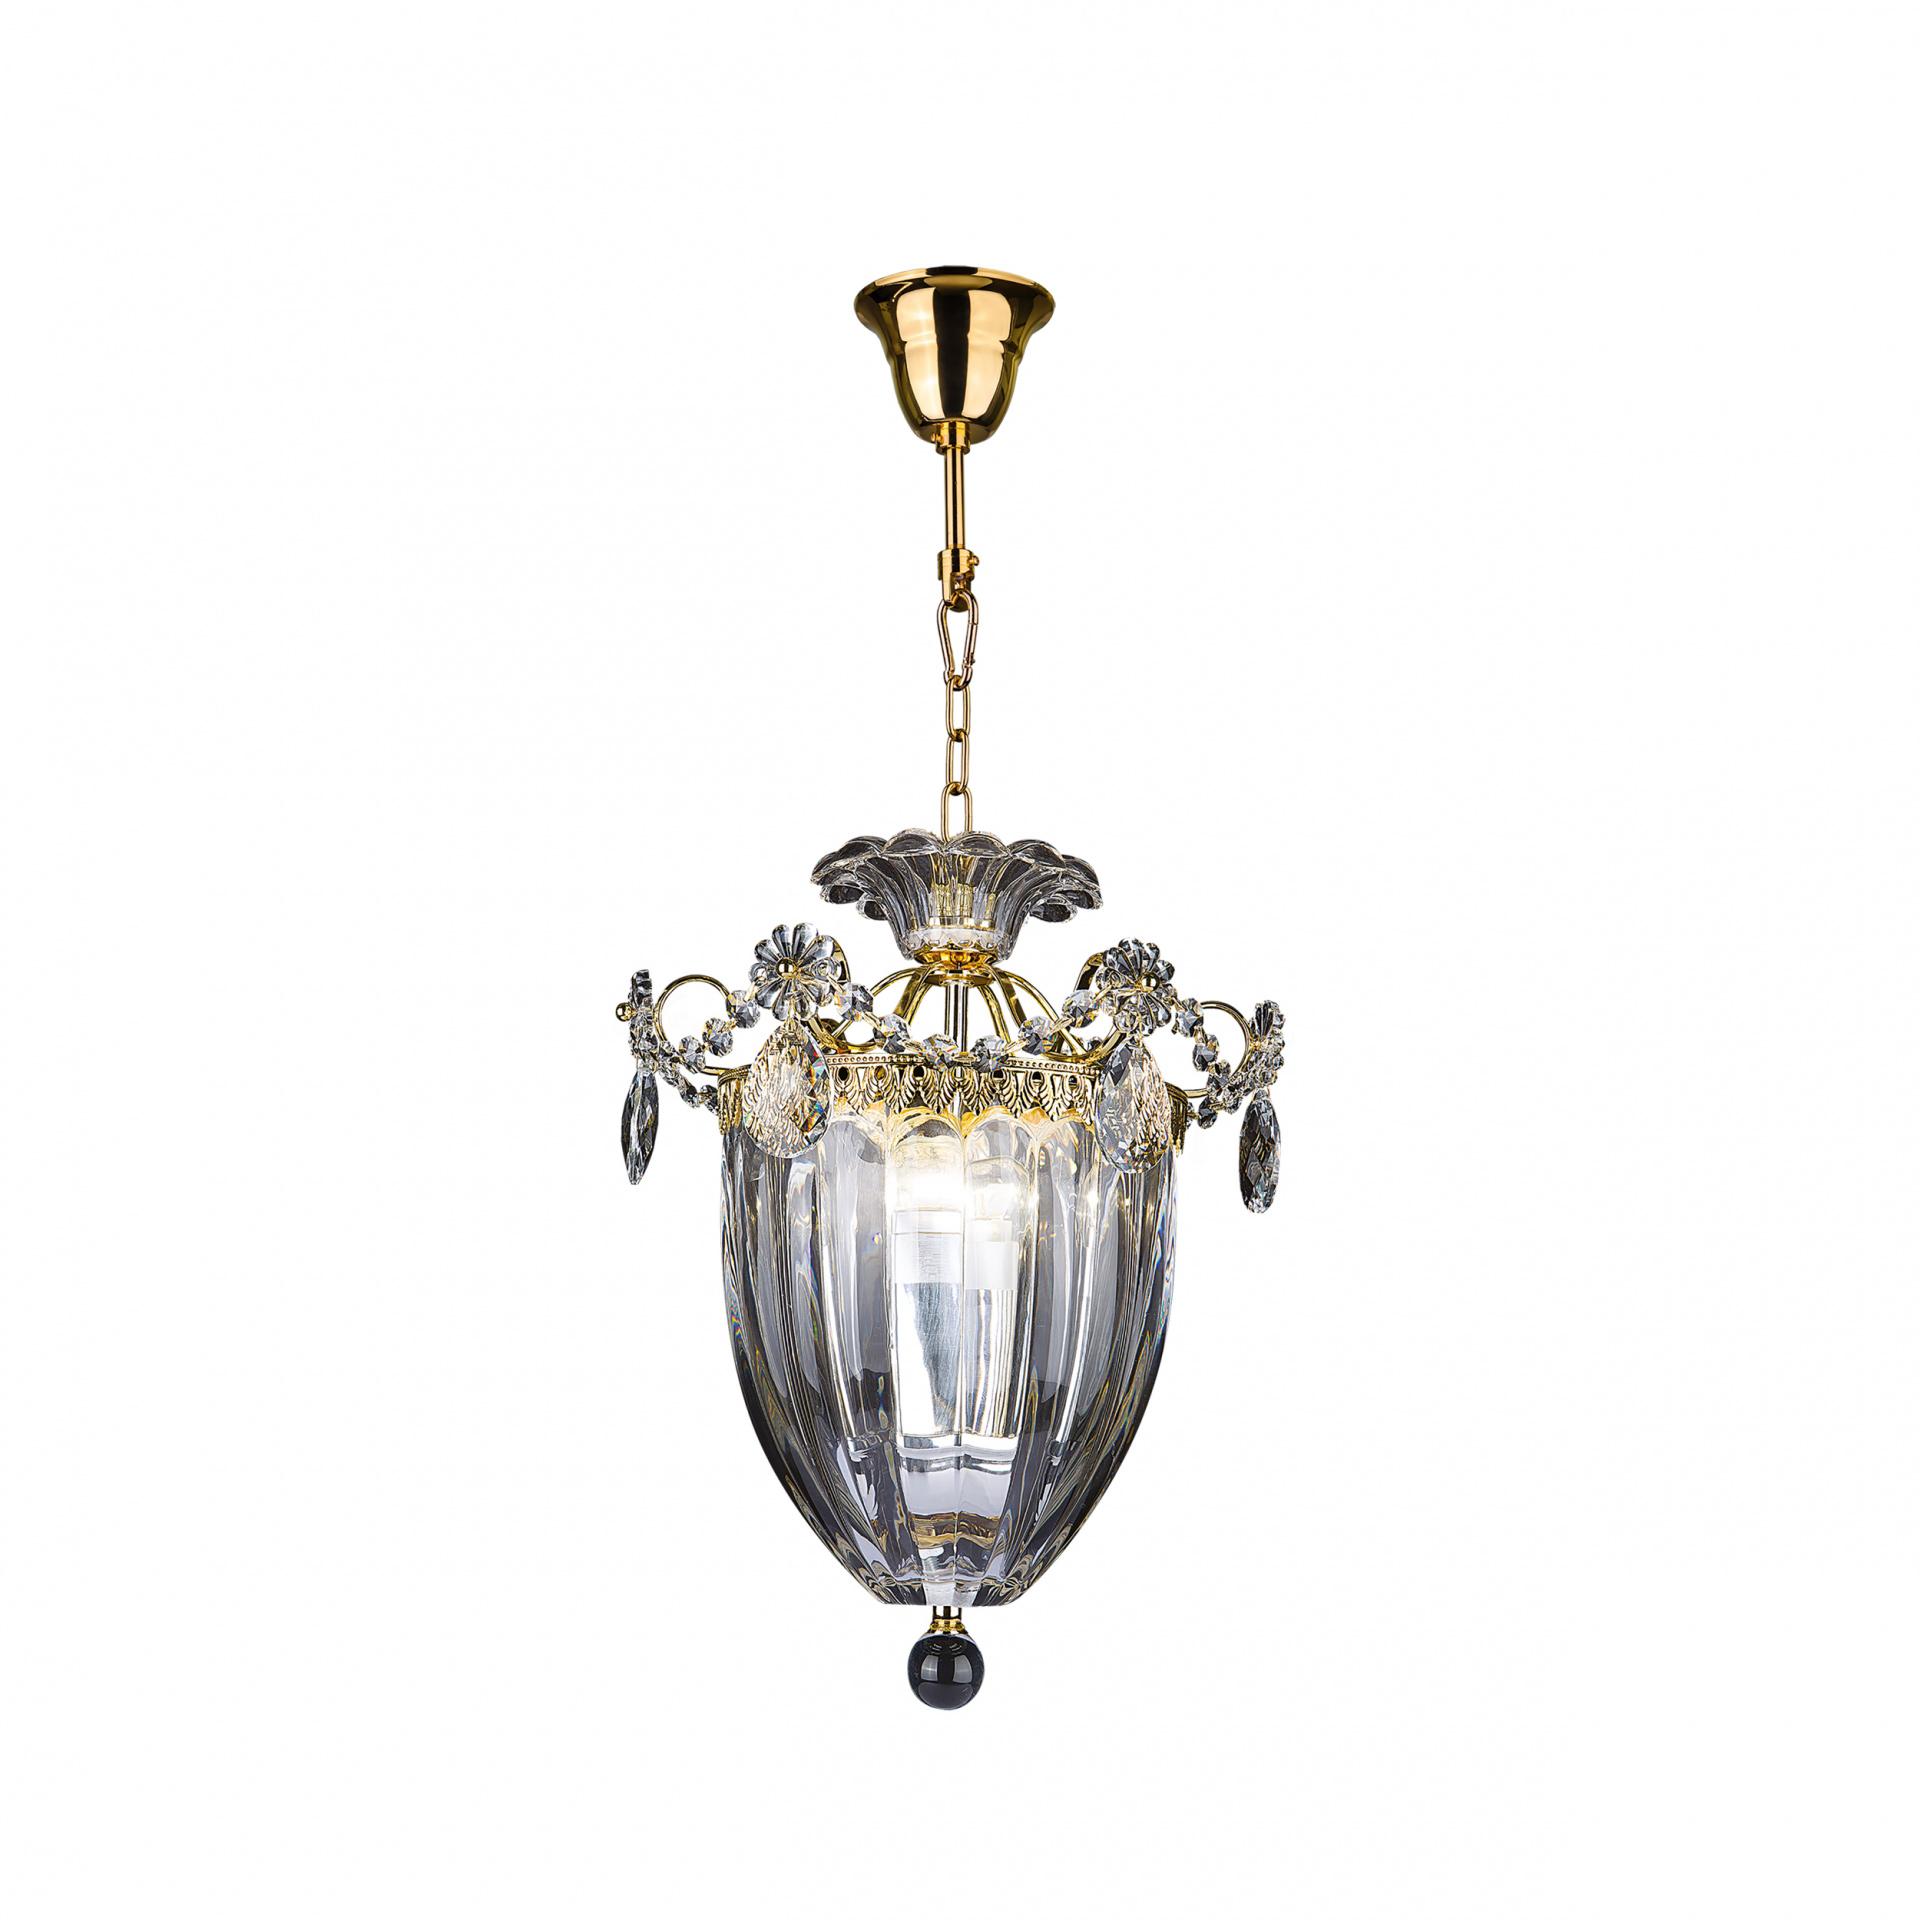 Люстра подвесная Schon 3x60W E14 gold Osgona 790032, купить в СПб, Москве, с доставкой, Санкт-Петербург, интернет-магазин люстр и светильников Starlight, фото в жизни